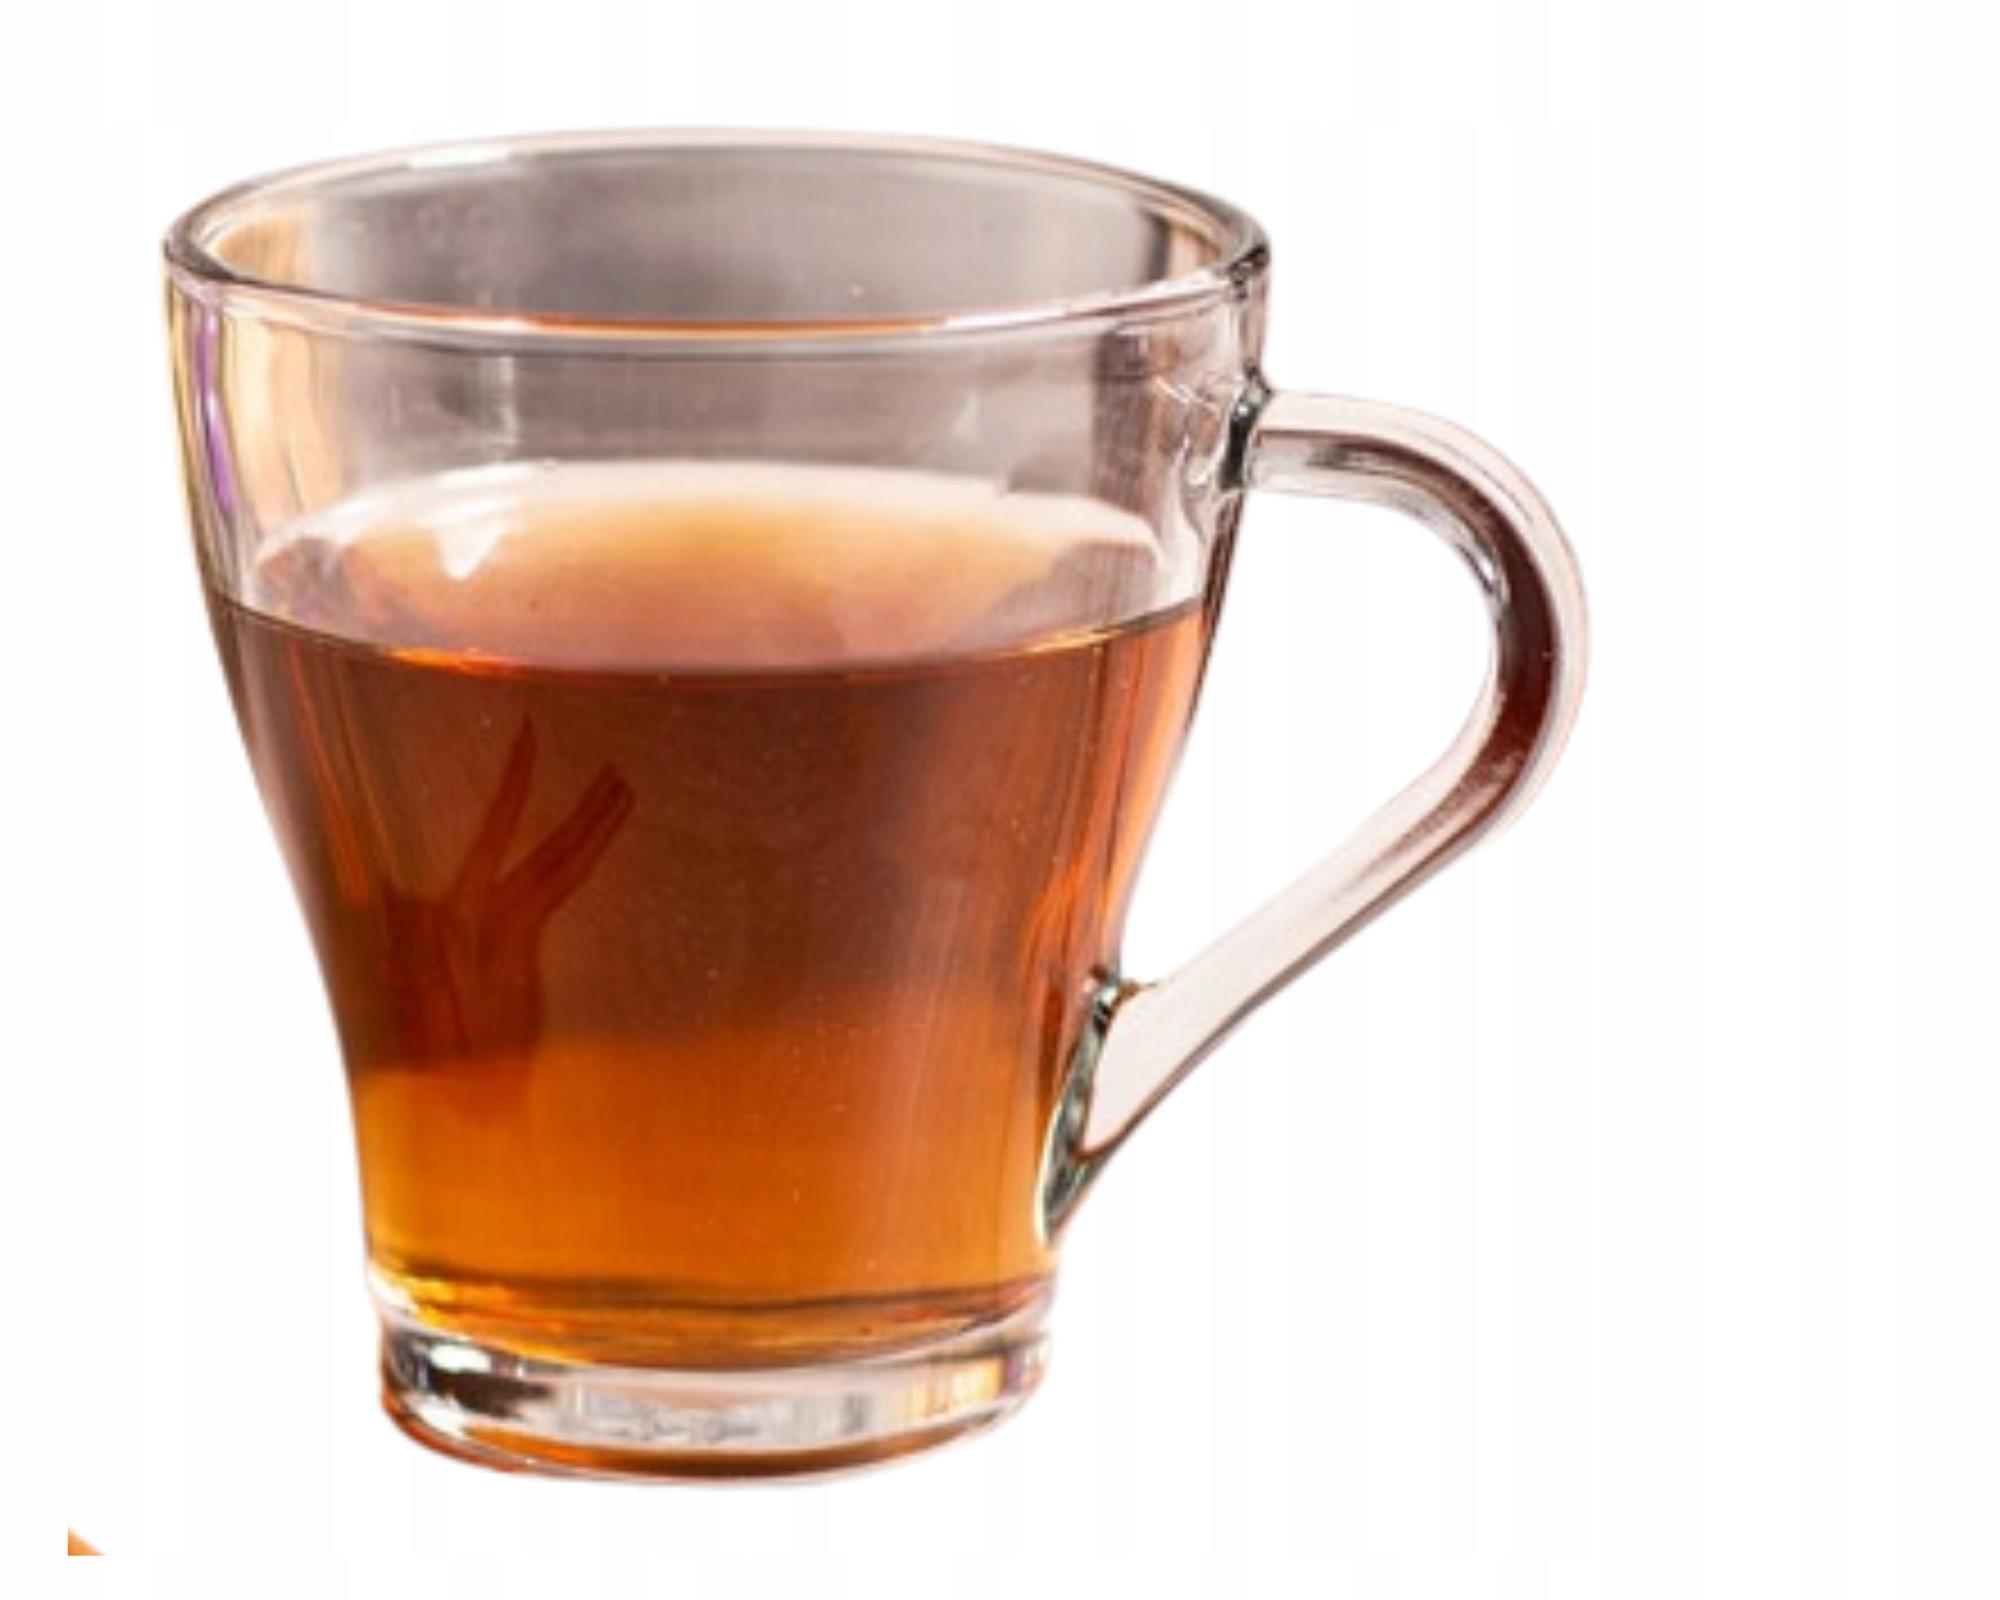 KOMPLET SZKLANKI DO KAWY HERBATY 6SZT NISKIE 270ml Rodzaj szklanki do kawy i herbaty